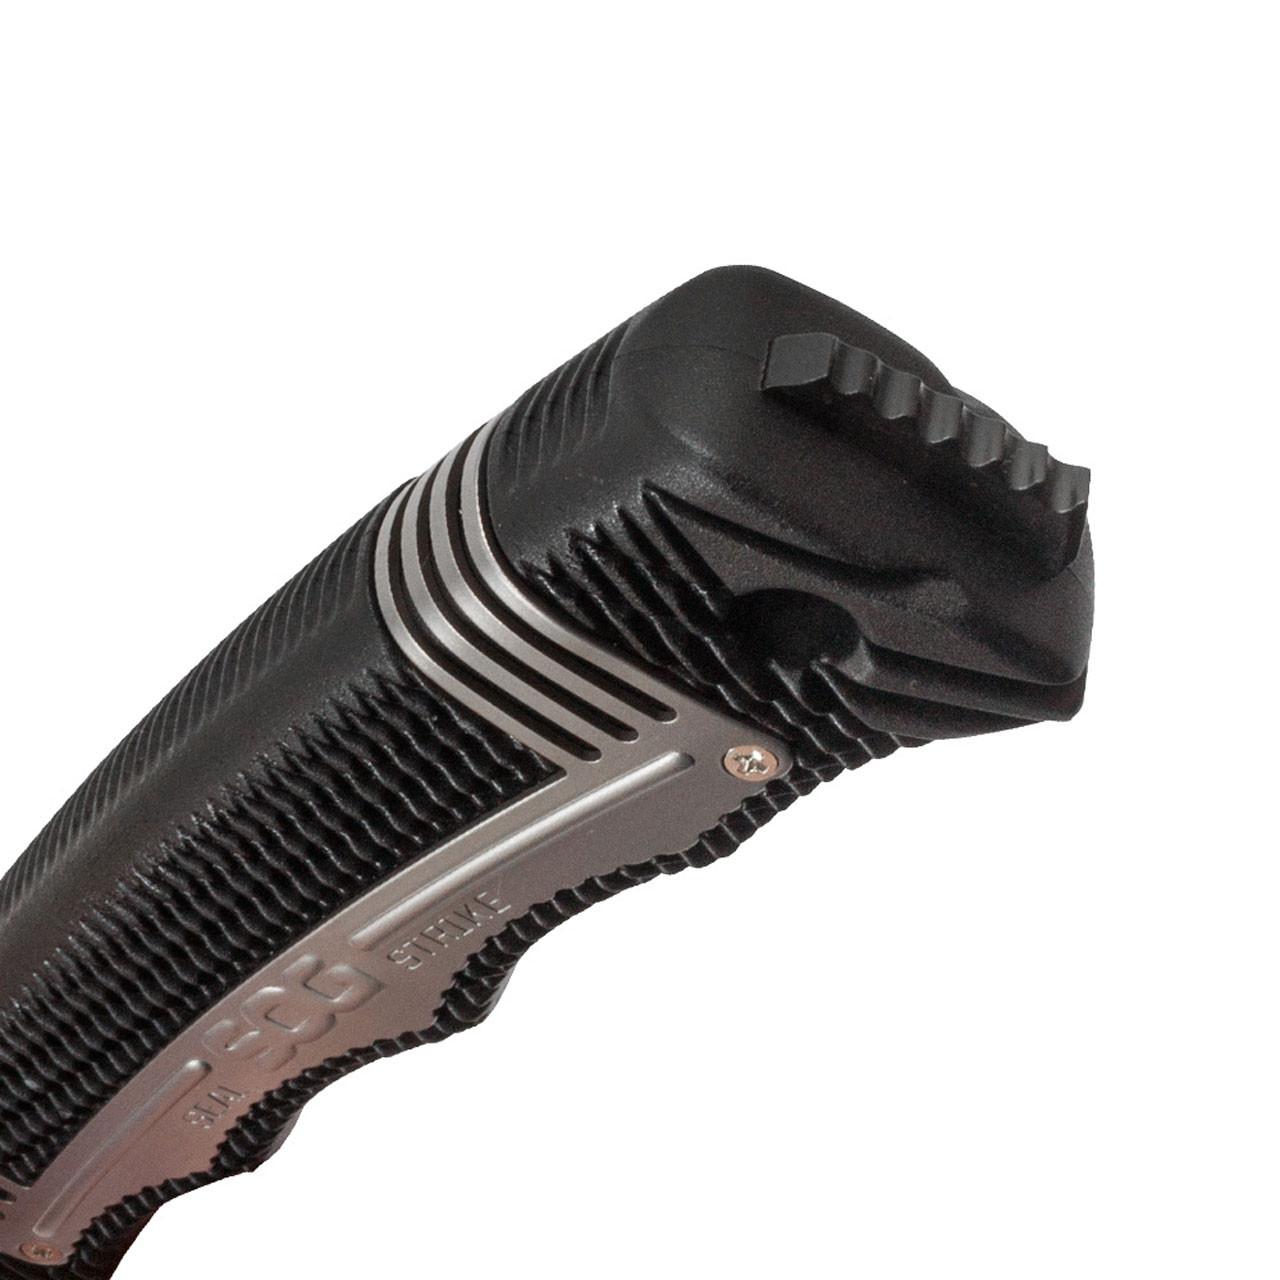 Seal Strike - Grey, Molded Sheath